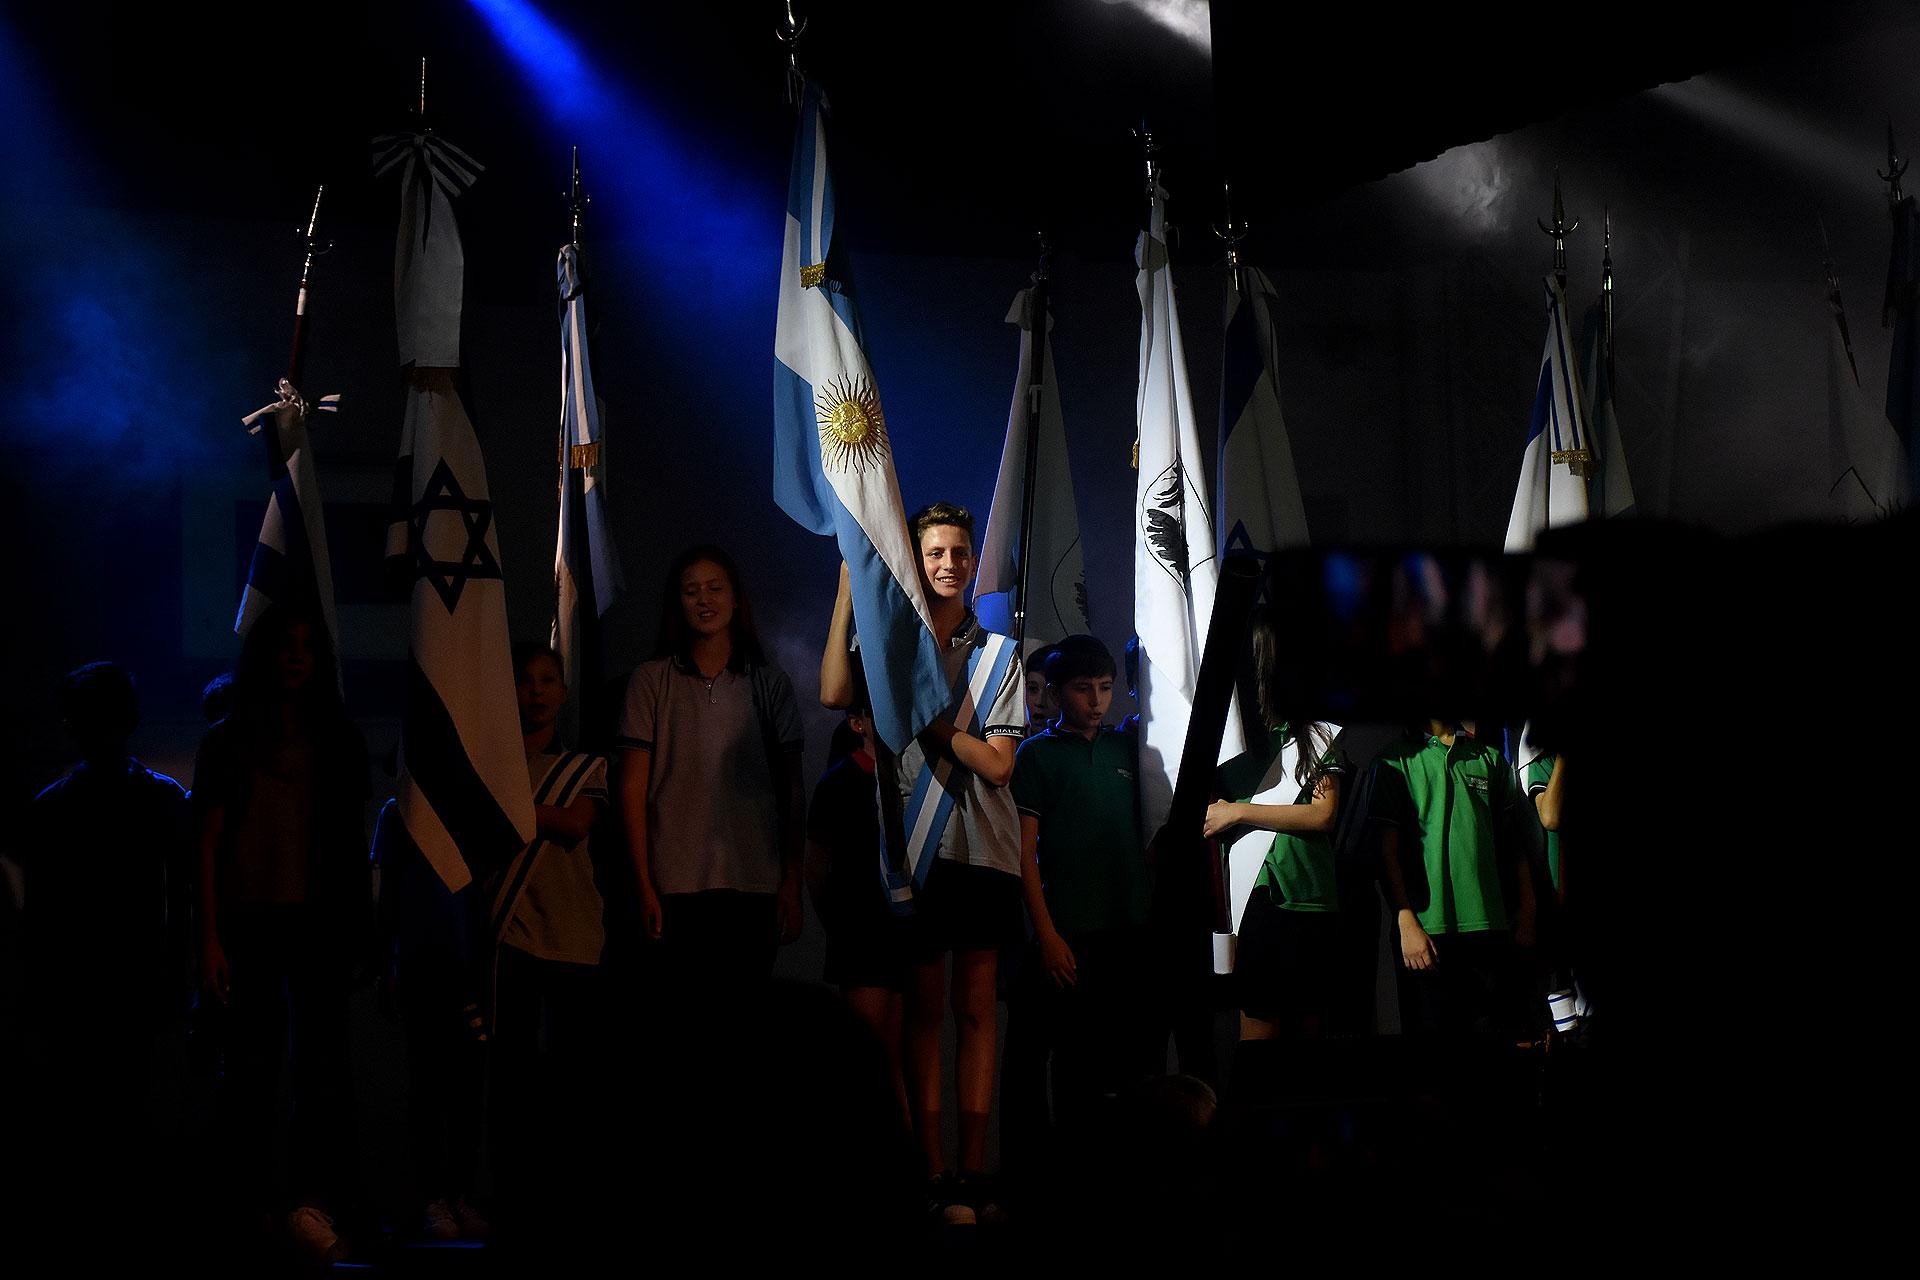 El tradicional festejo por los 70 años del Estado de Israel se presentó de forma novedosa, bajo el formato de una gran obra de teatro – musical